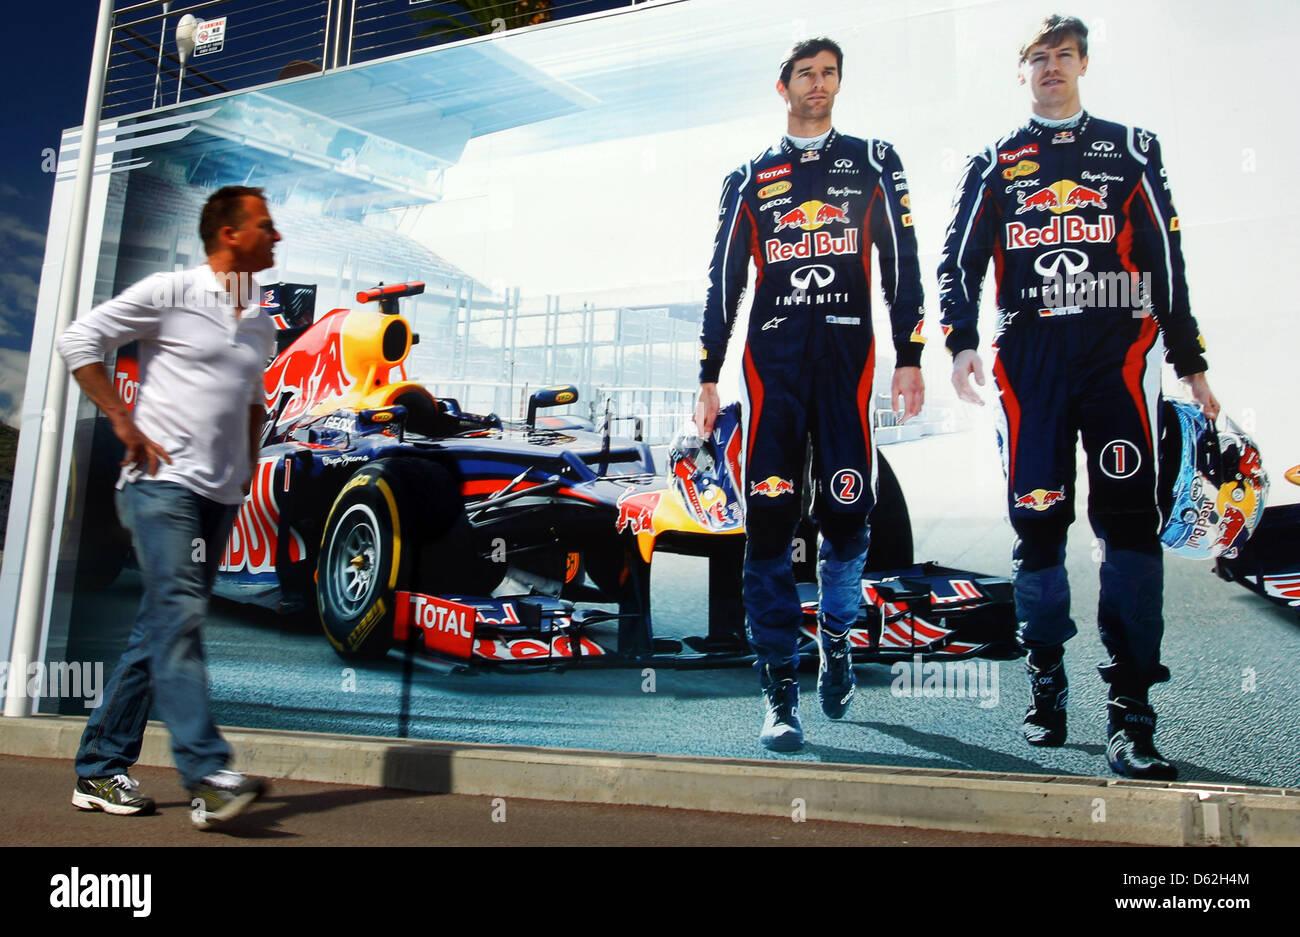 Ein Mann geht vor einem Plakat auf dem schwimmenden Wohnmobil von Red Bull mit den Bildern des deutschen Formel1-Fahrer Sebastian Vettel (L) und Mark Webber (R) vor dem Formel 1 Grand Prix von Monaco in Monte Carlo, Monaco, 22. Mai 2012. Der Grand Prix statt findet am 27. Mai. Foto: Jens Buettner dpa Stockfoto